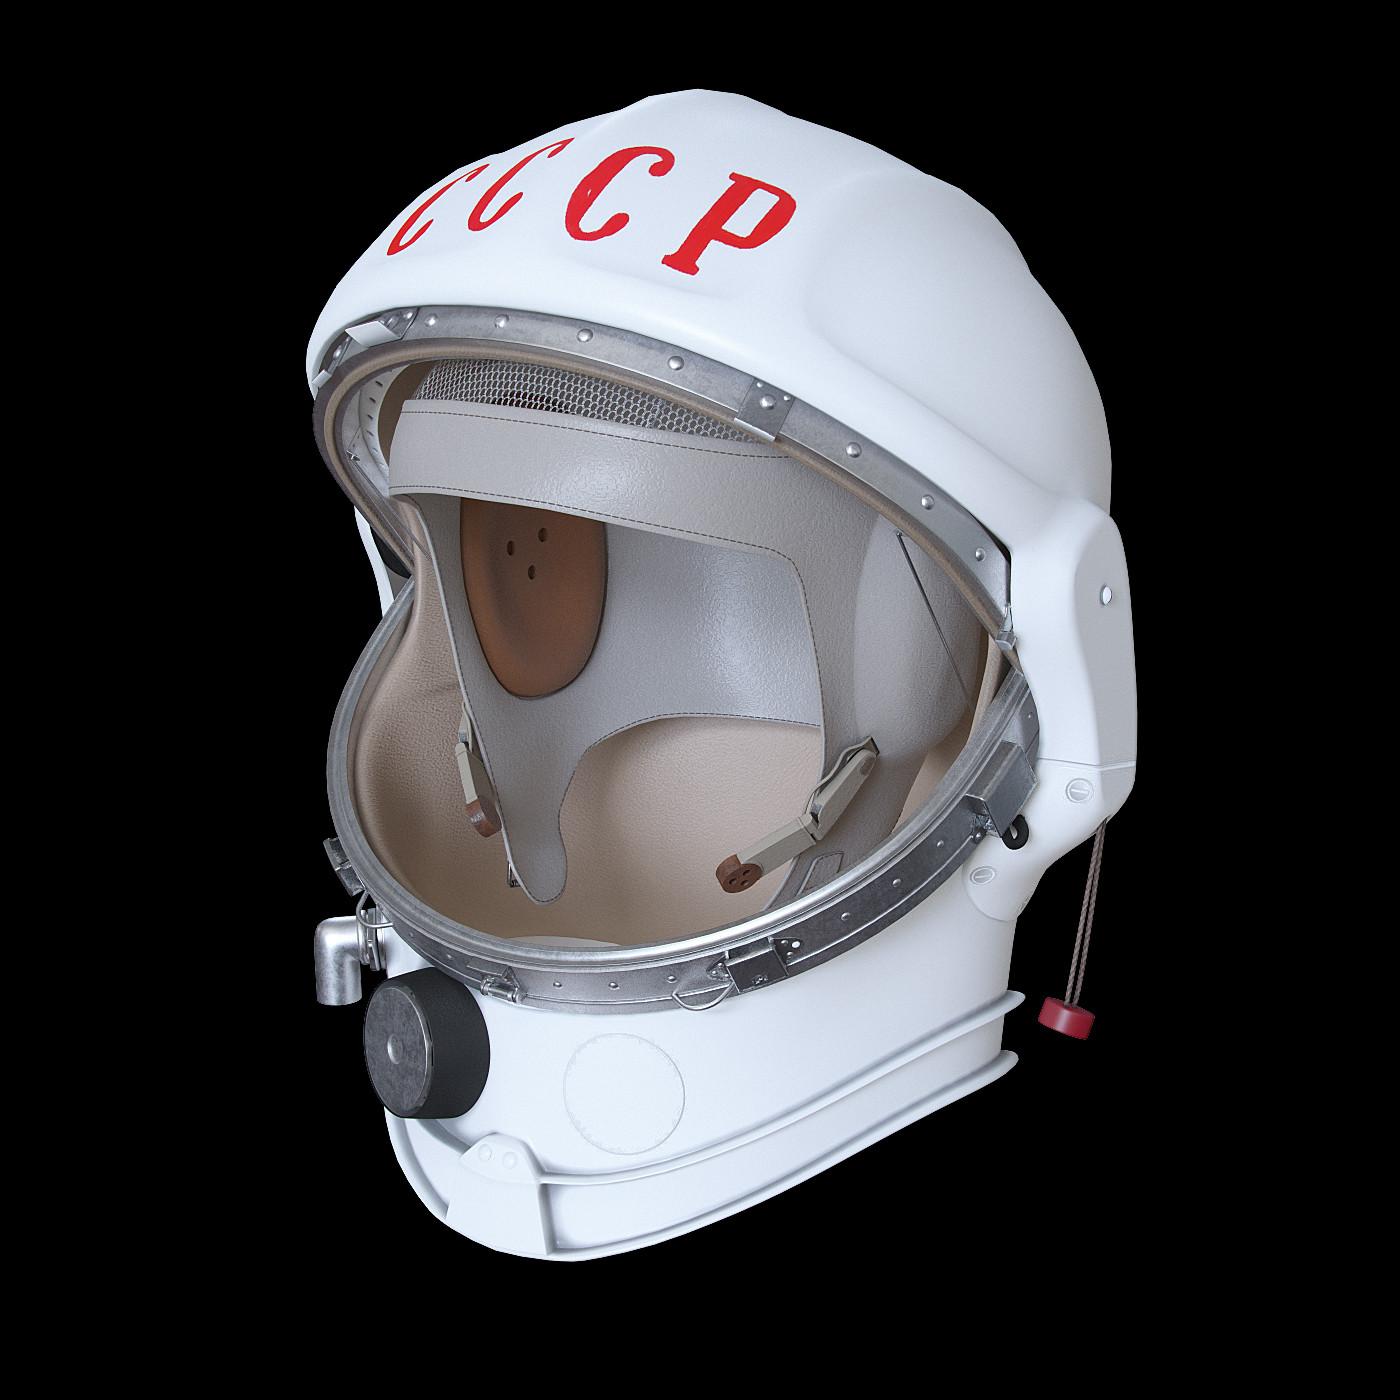 горячее картинки космонавта шлем они